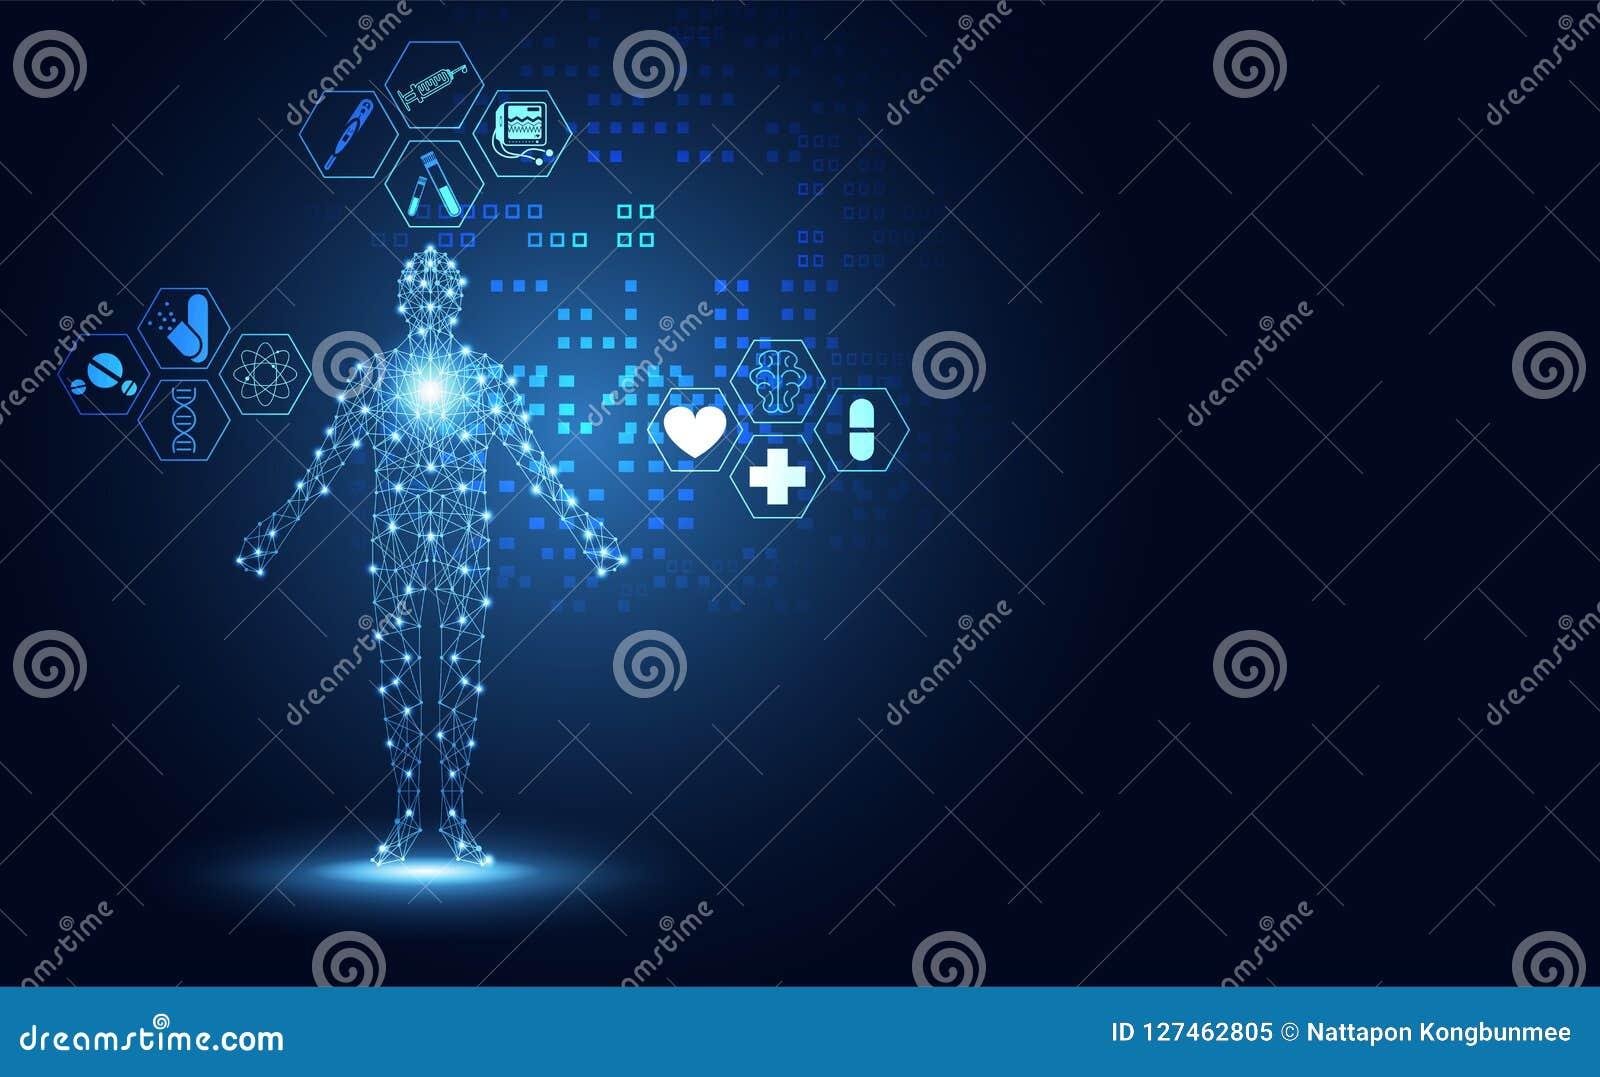 Digital humano de la tecnología del concepto médico digital abstracto de la salud